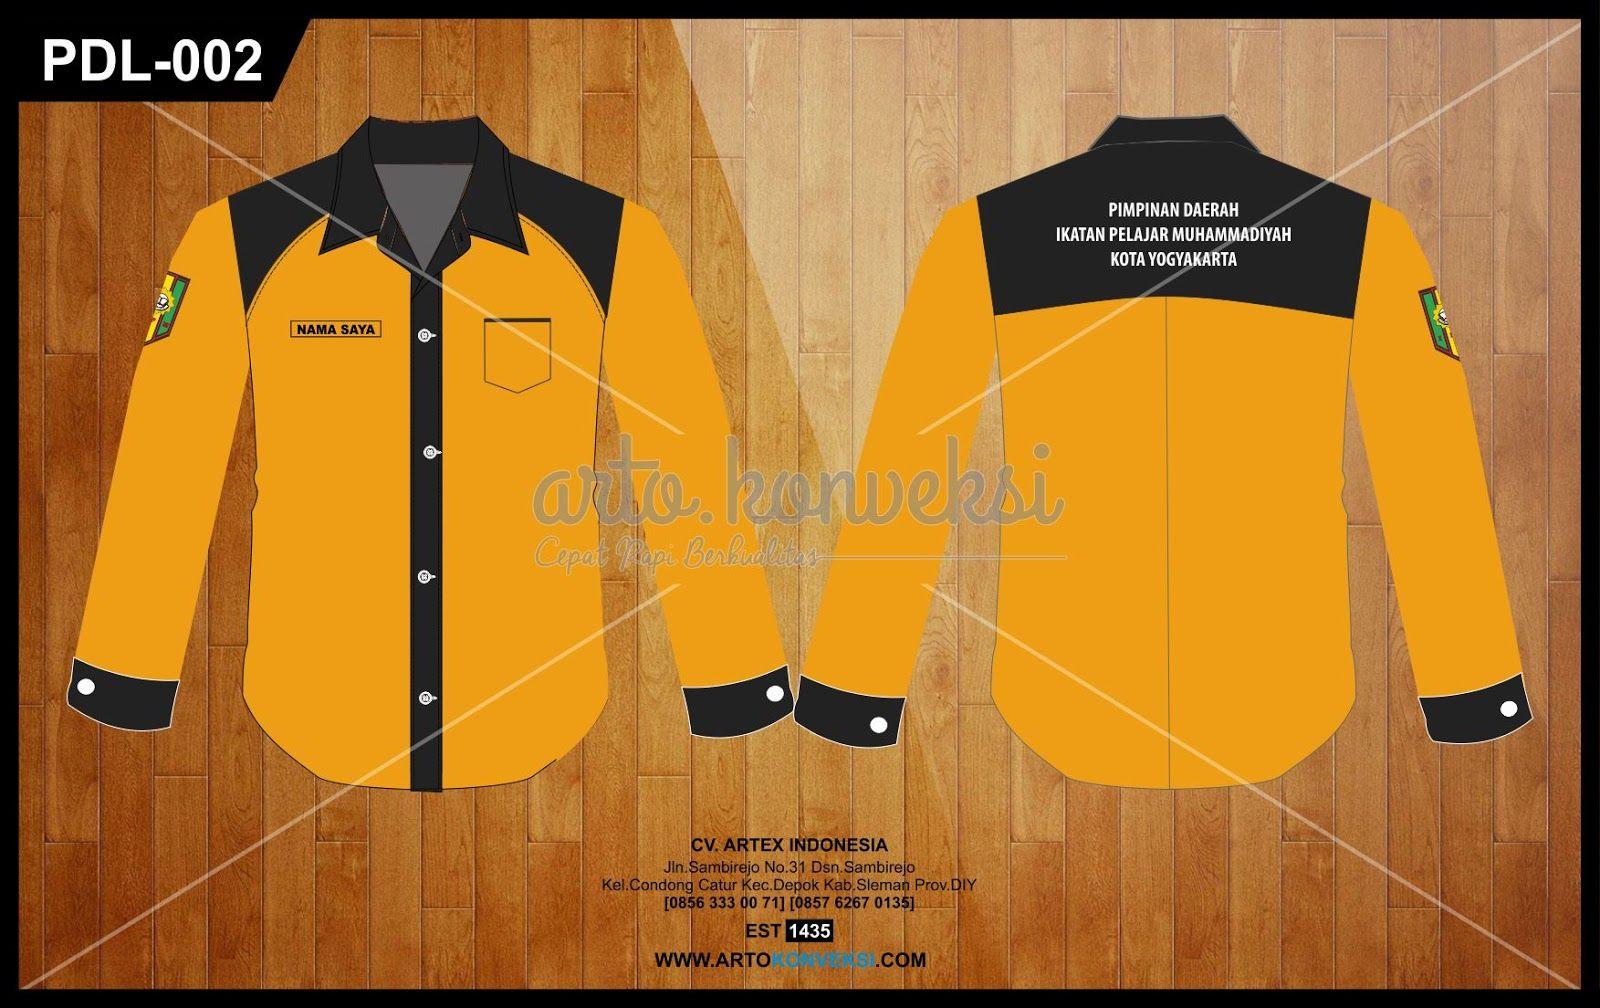 download football jersey mockup template. Download Template Vector Desain Baju Pdh Organisasi Format Corel Draw Kemeja Baju Anak Cocok